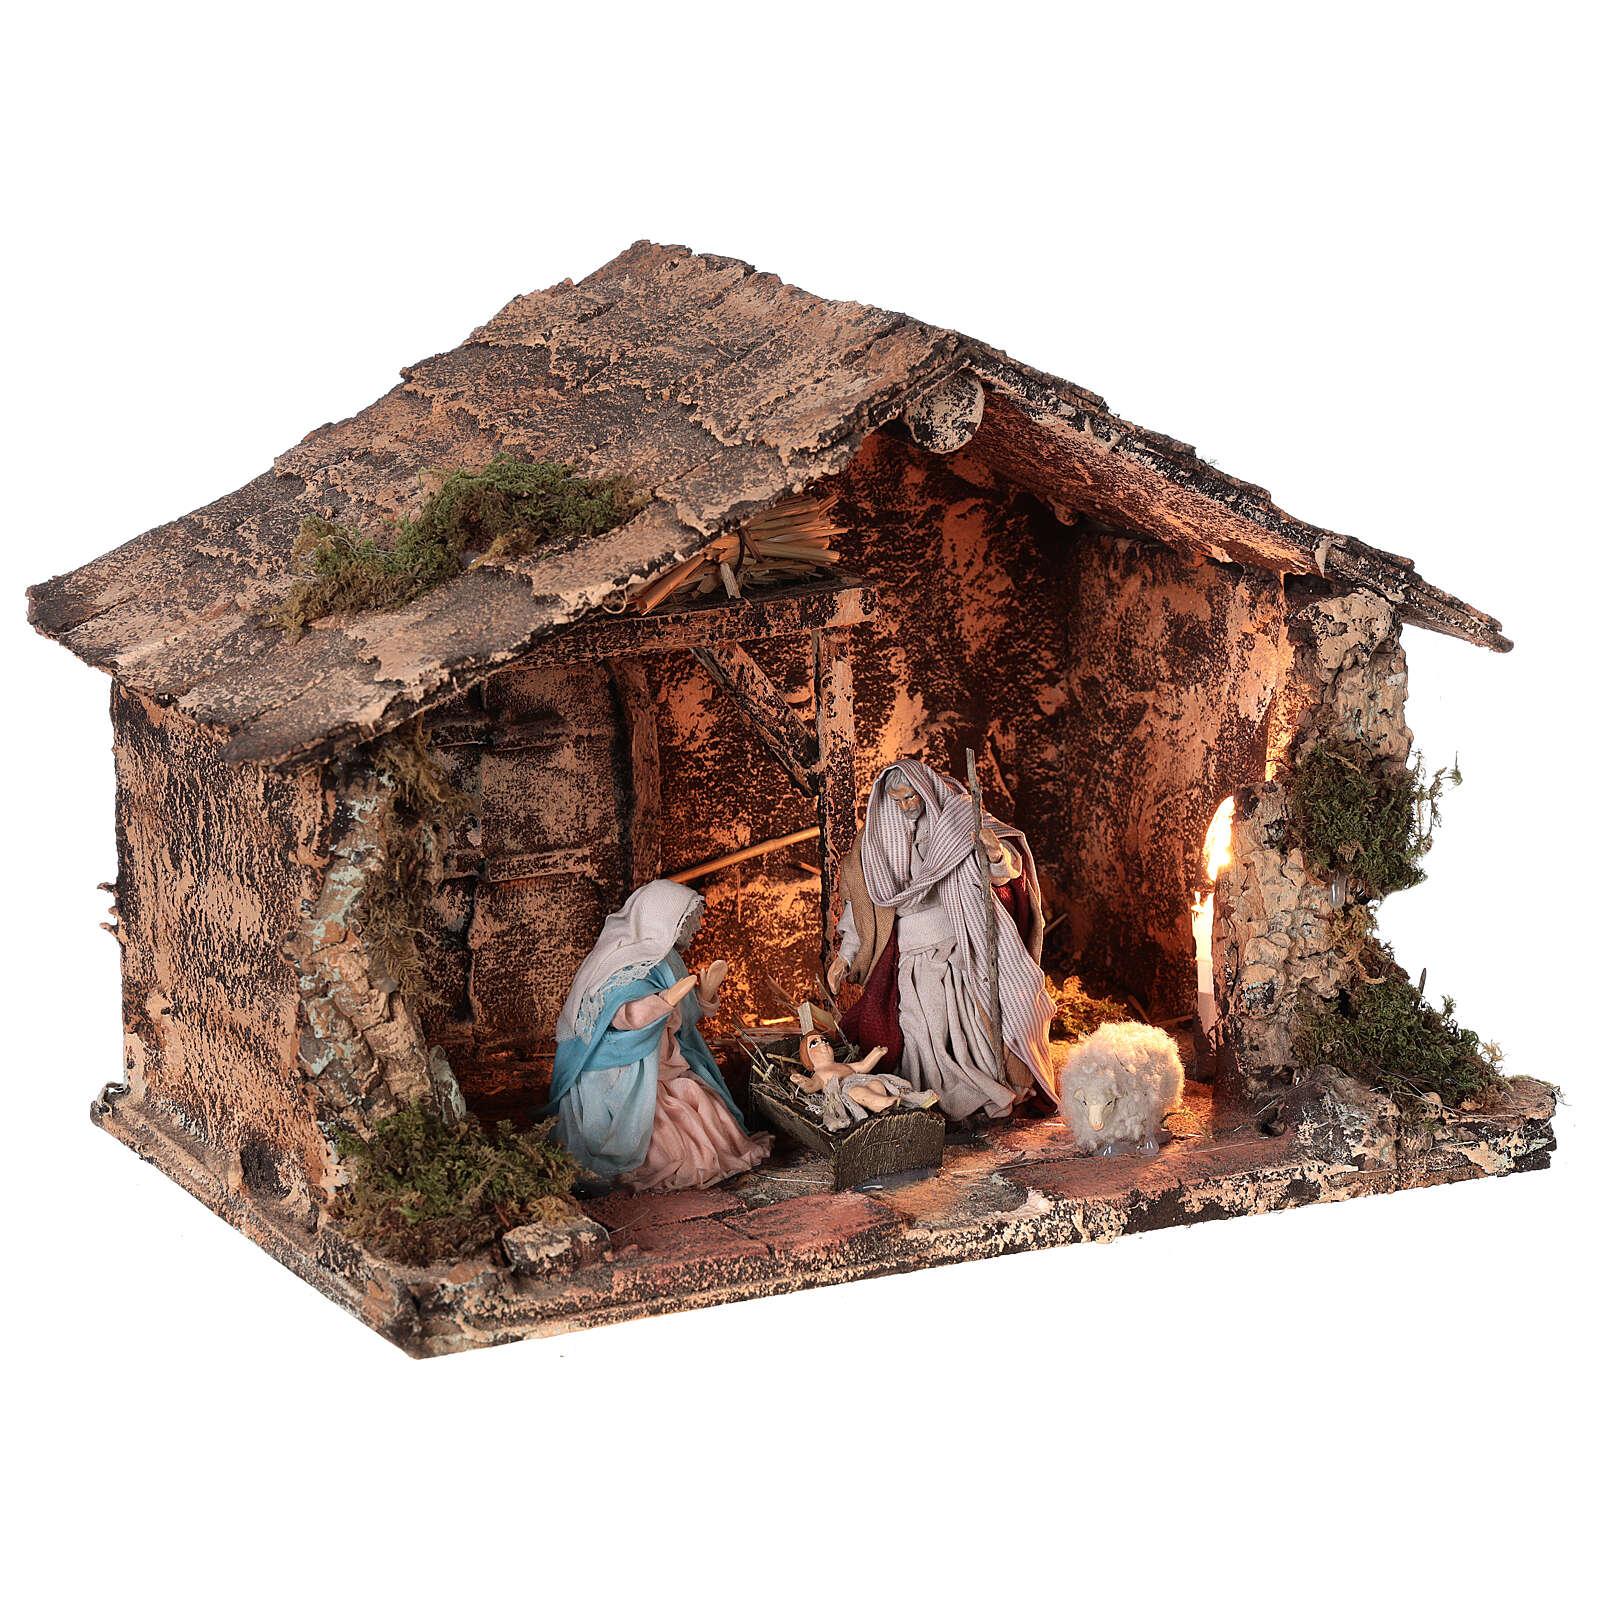 Cabane Sainte Famille crèche napolitaine santons terre cuite 10 cm 20x30x20 cm 4